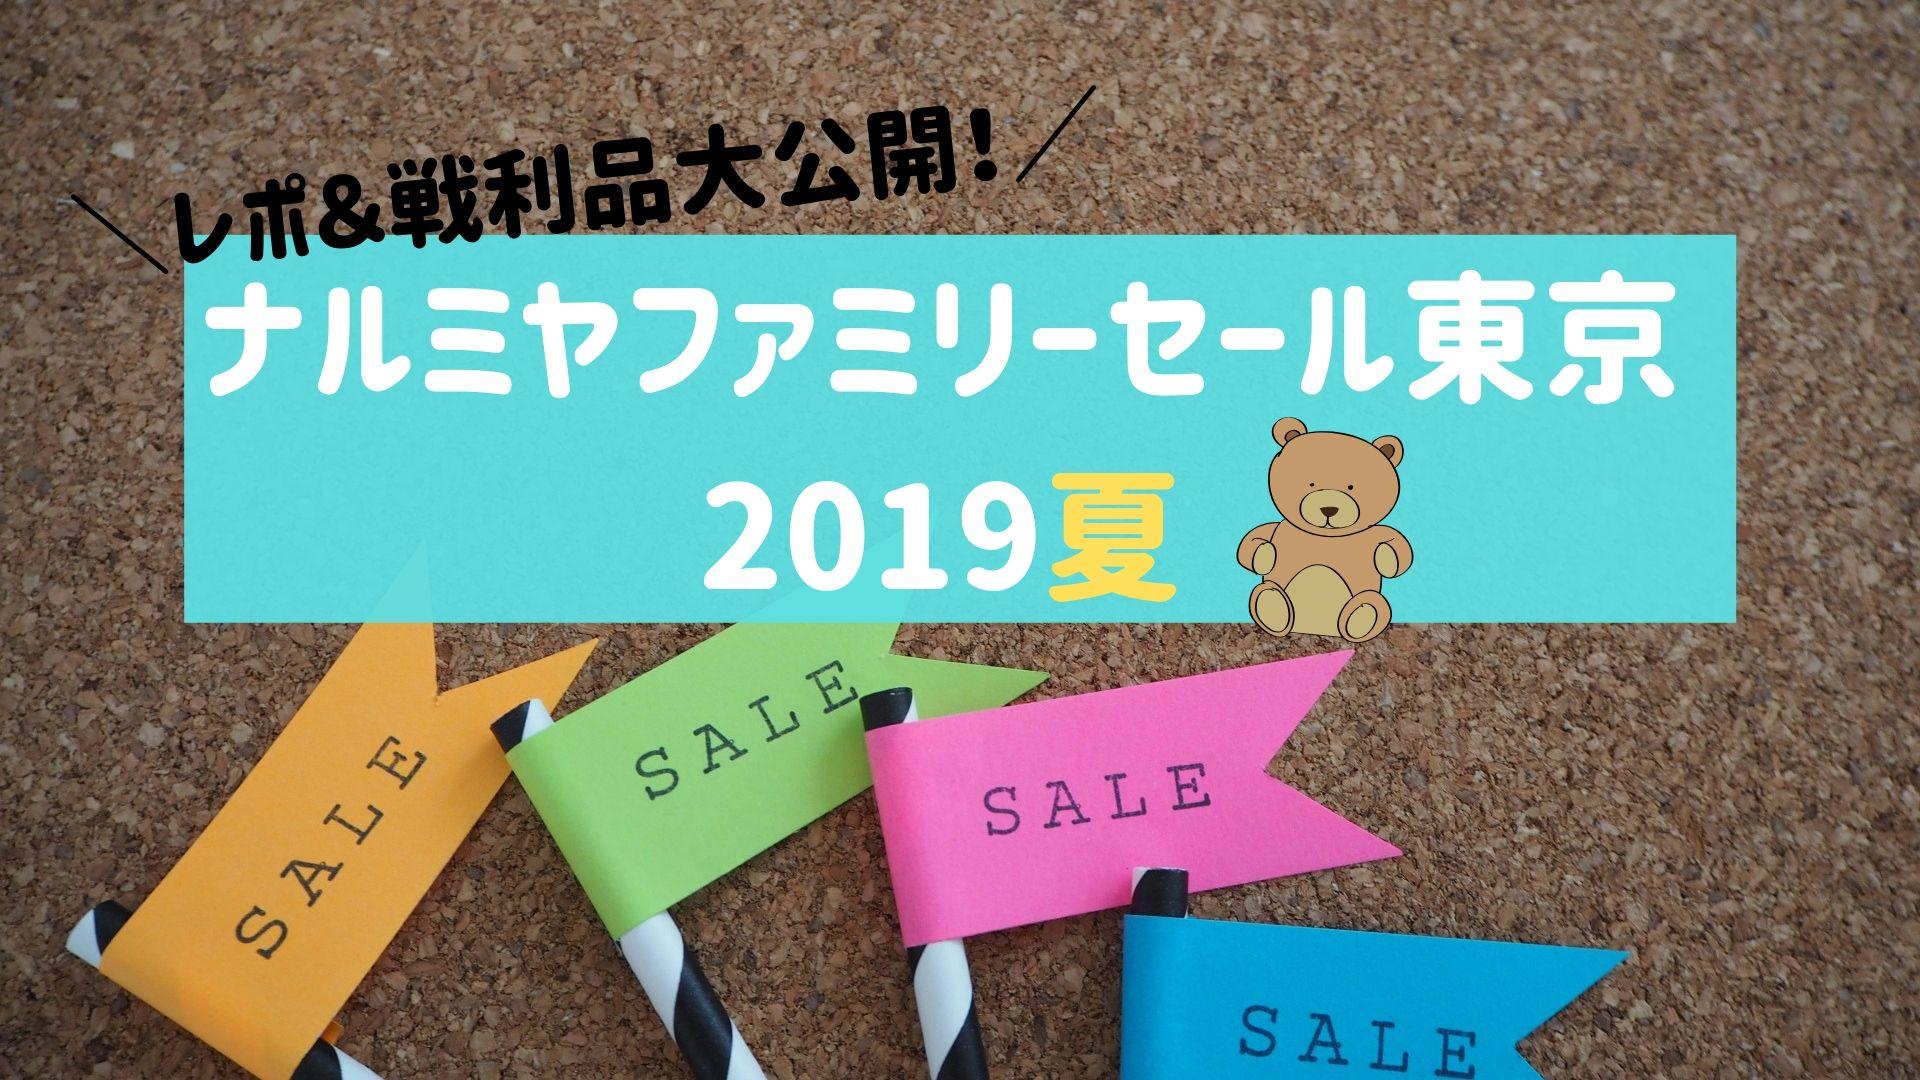 ナルミヤファミリーセール東京 2019夏